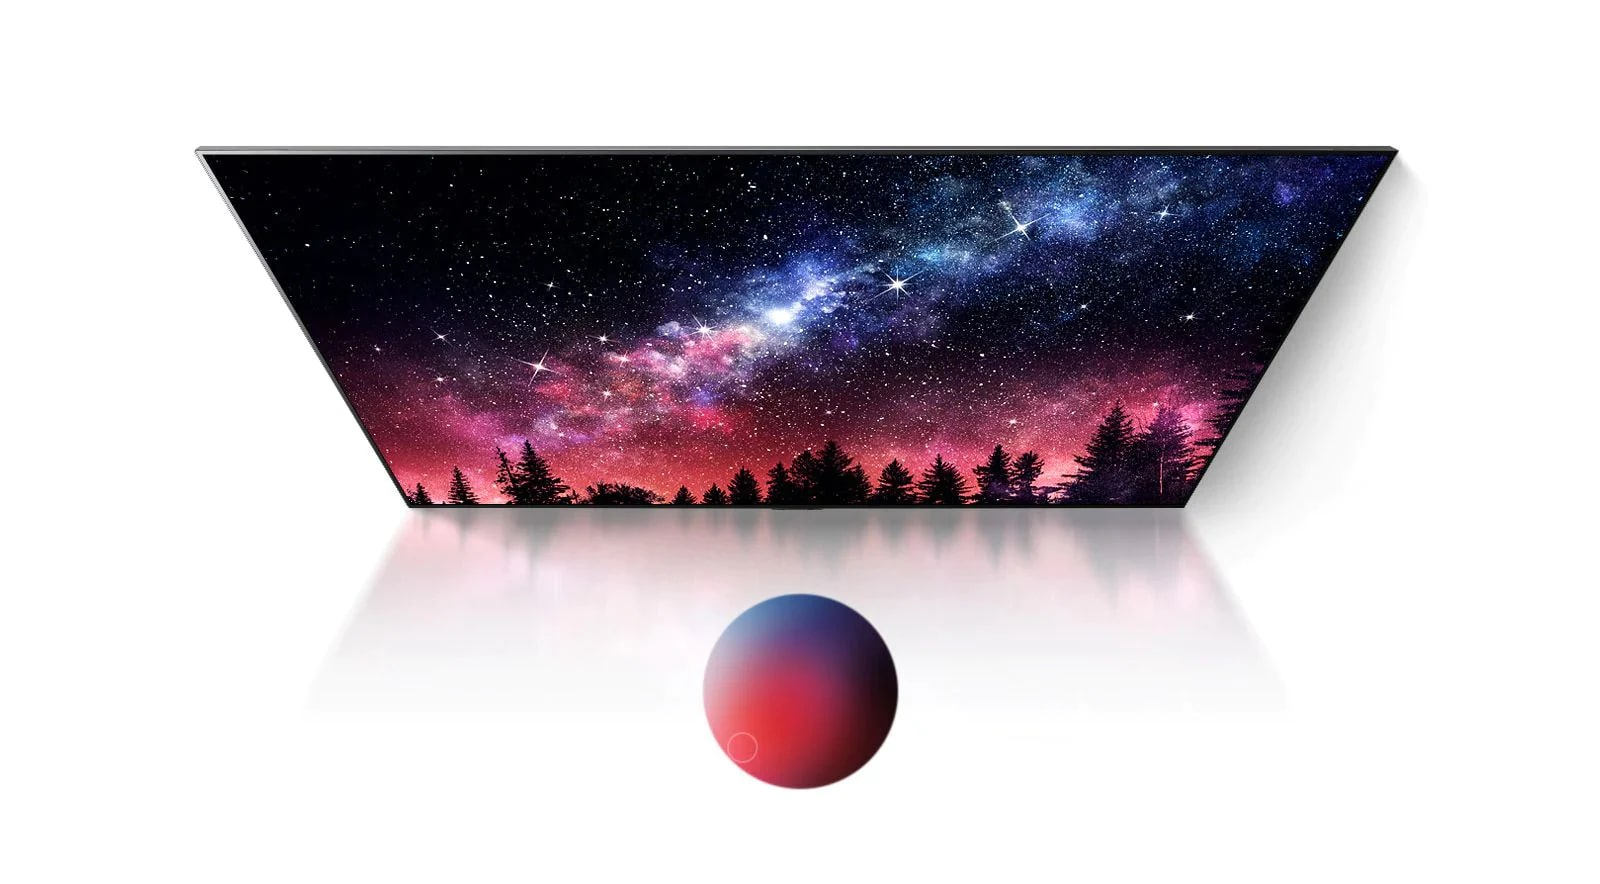 TV zaslon, ki prikazuje Mlečno pot, modro nebo in eksplozijo barvnega prahu v odlični kakovosti slike (predvajanje videoposnetka)